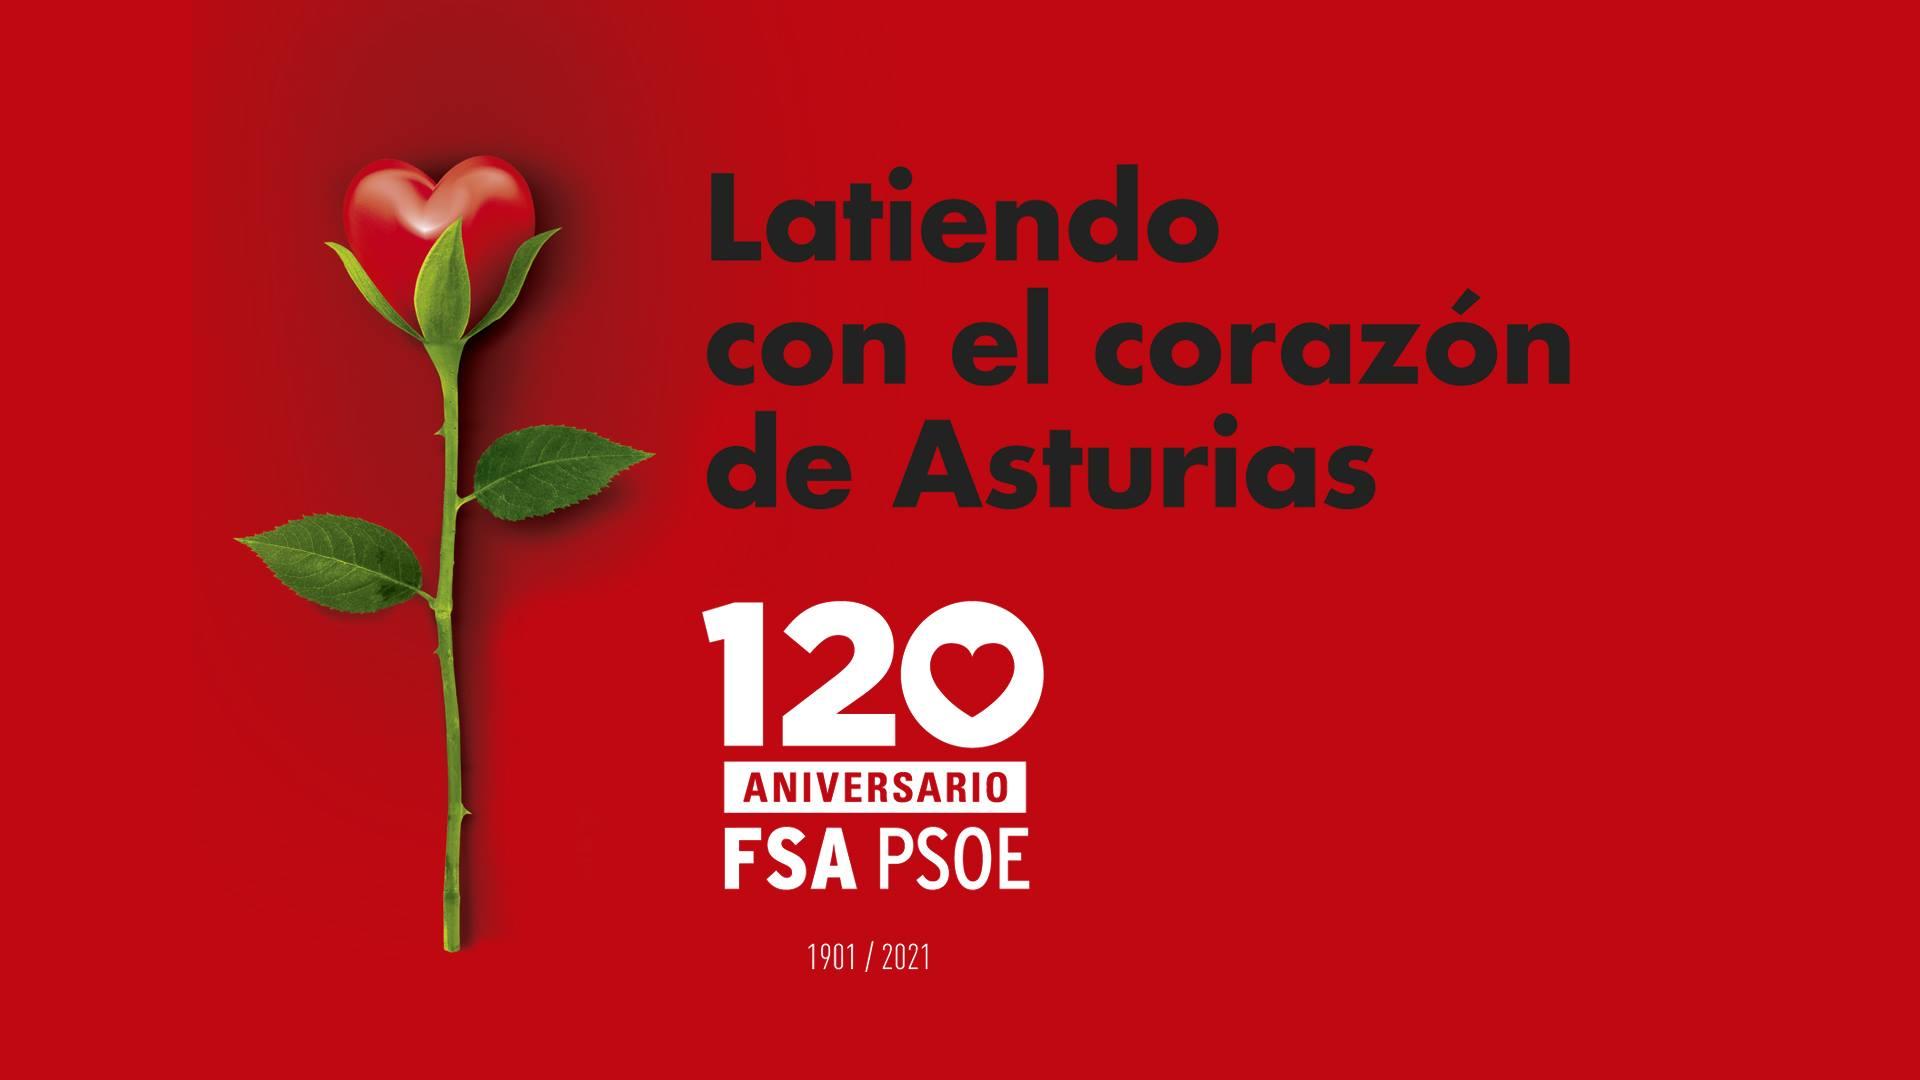 120 ANIVERSARIO DE LA FSA-PSOE